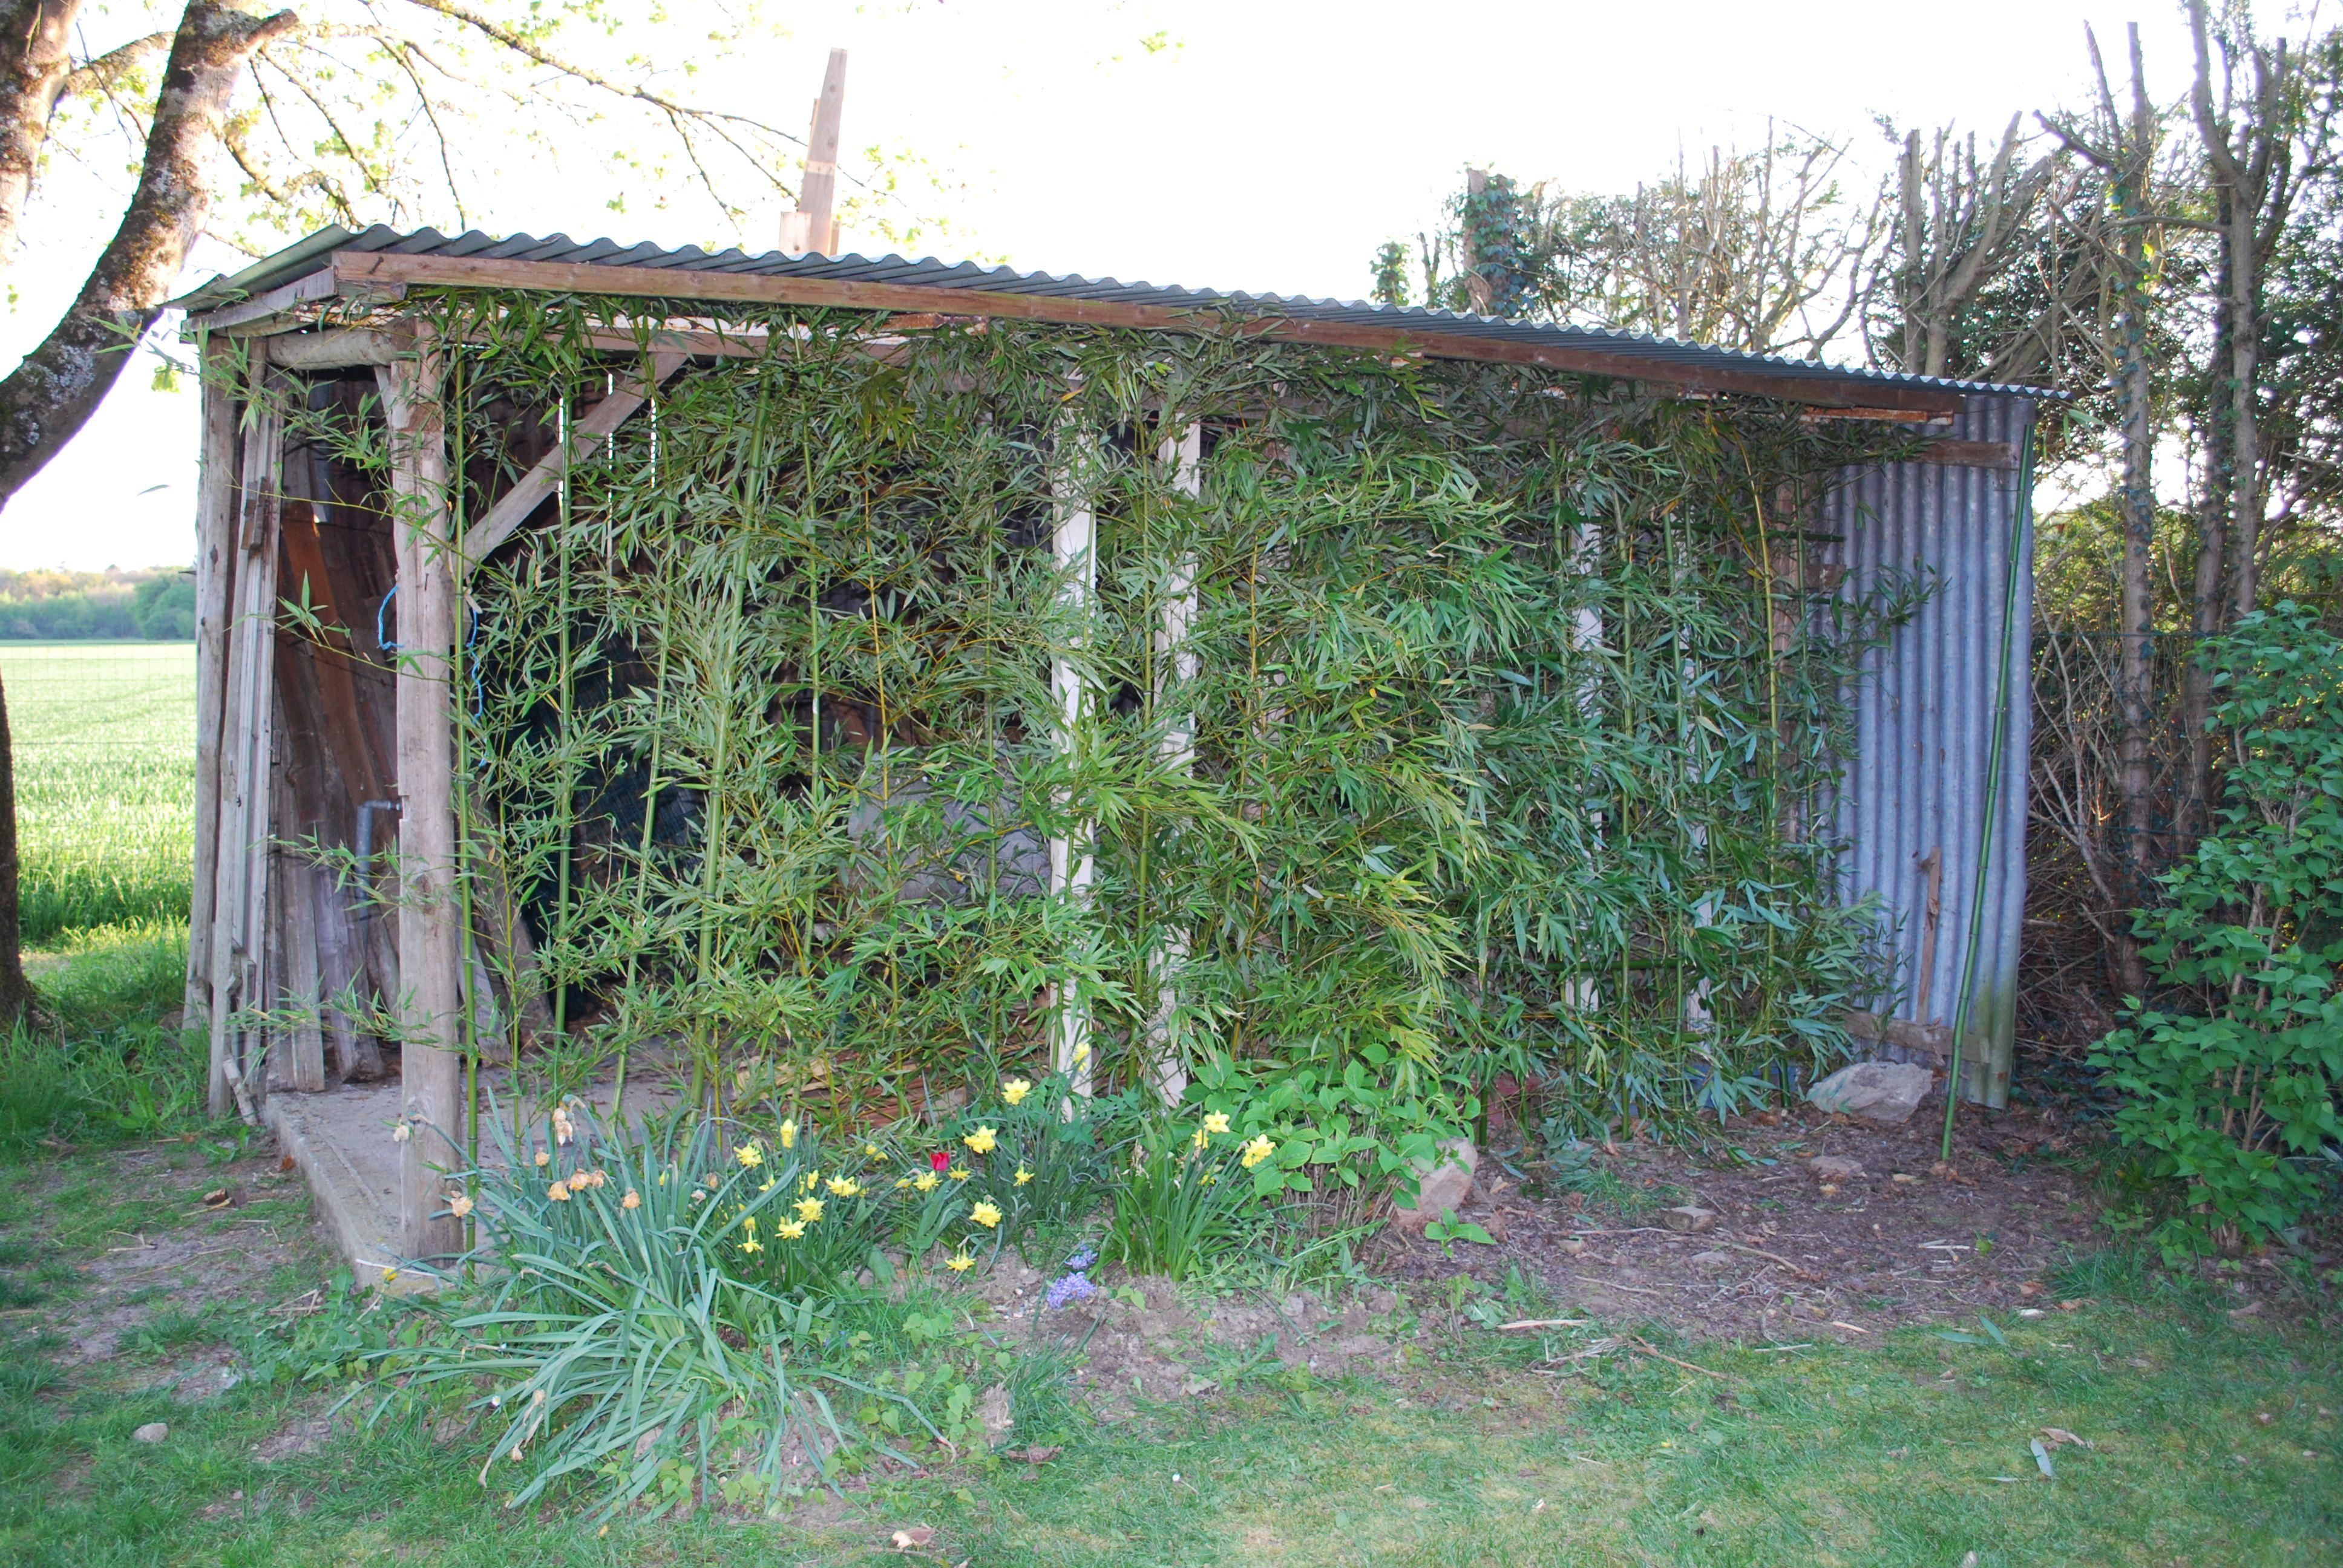 39c1df0cde96f01b2518aad61bae15a4 Frais De Petit Abri Jardin Concept